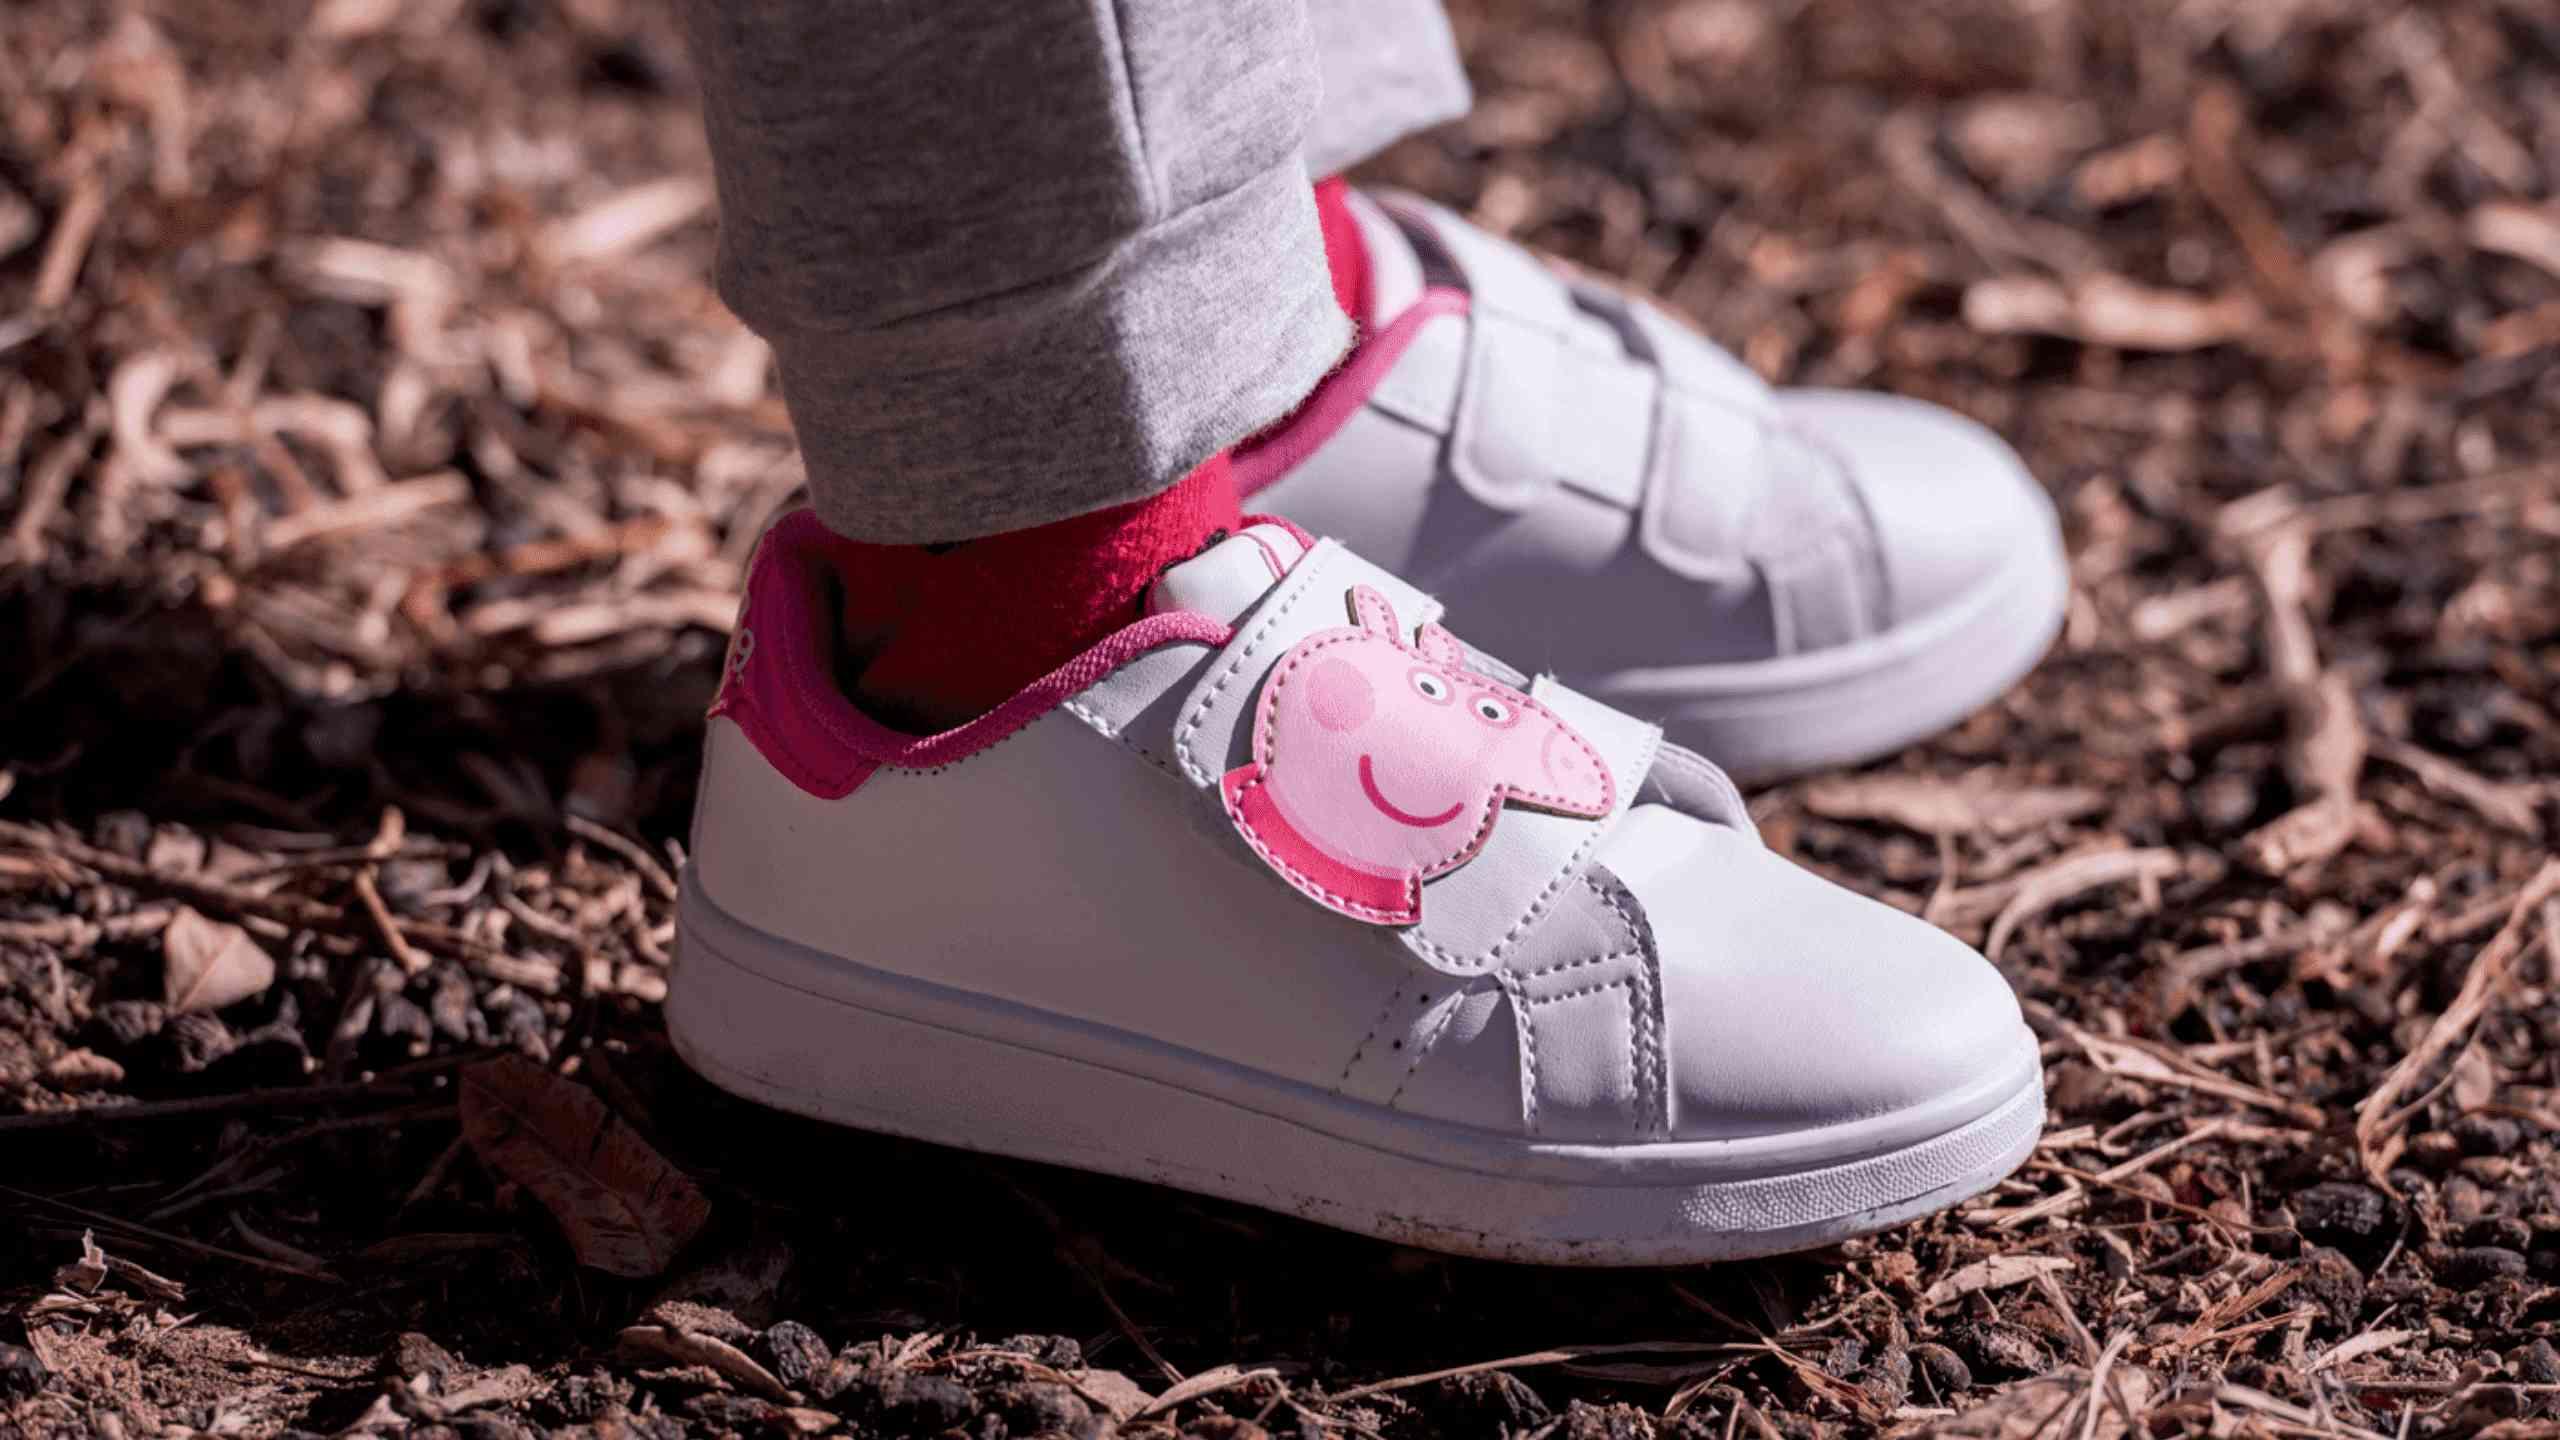 6  trucos para elegir el mejor calzado infantil para tus hijos